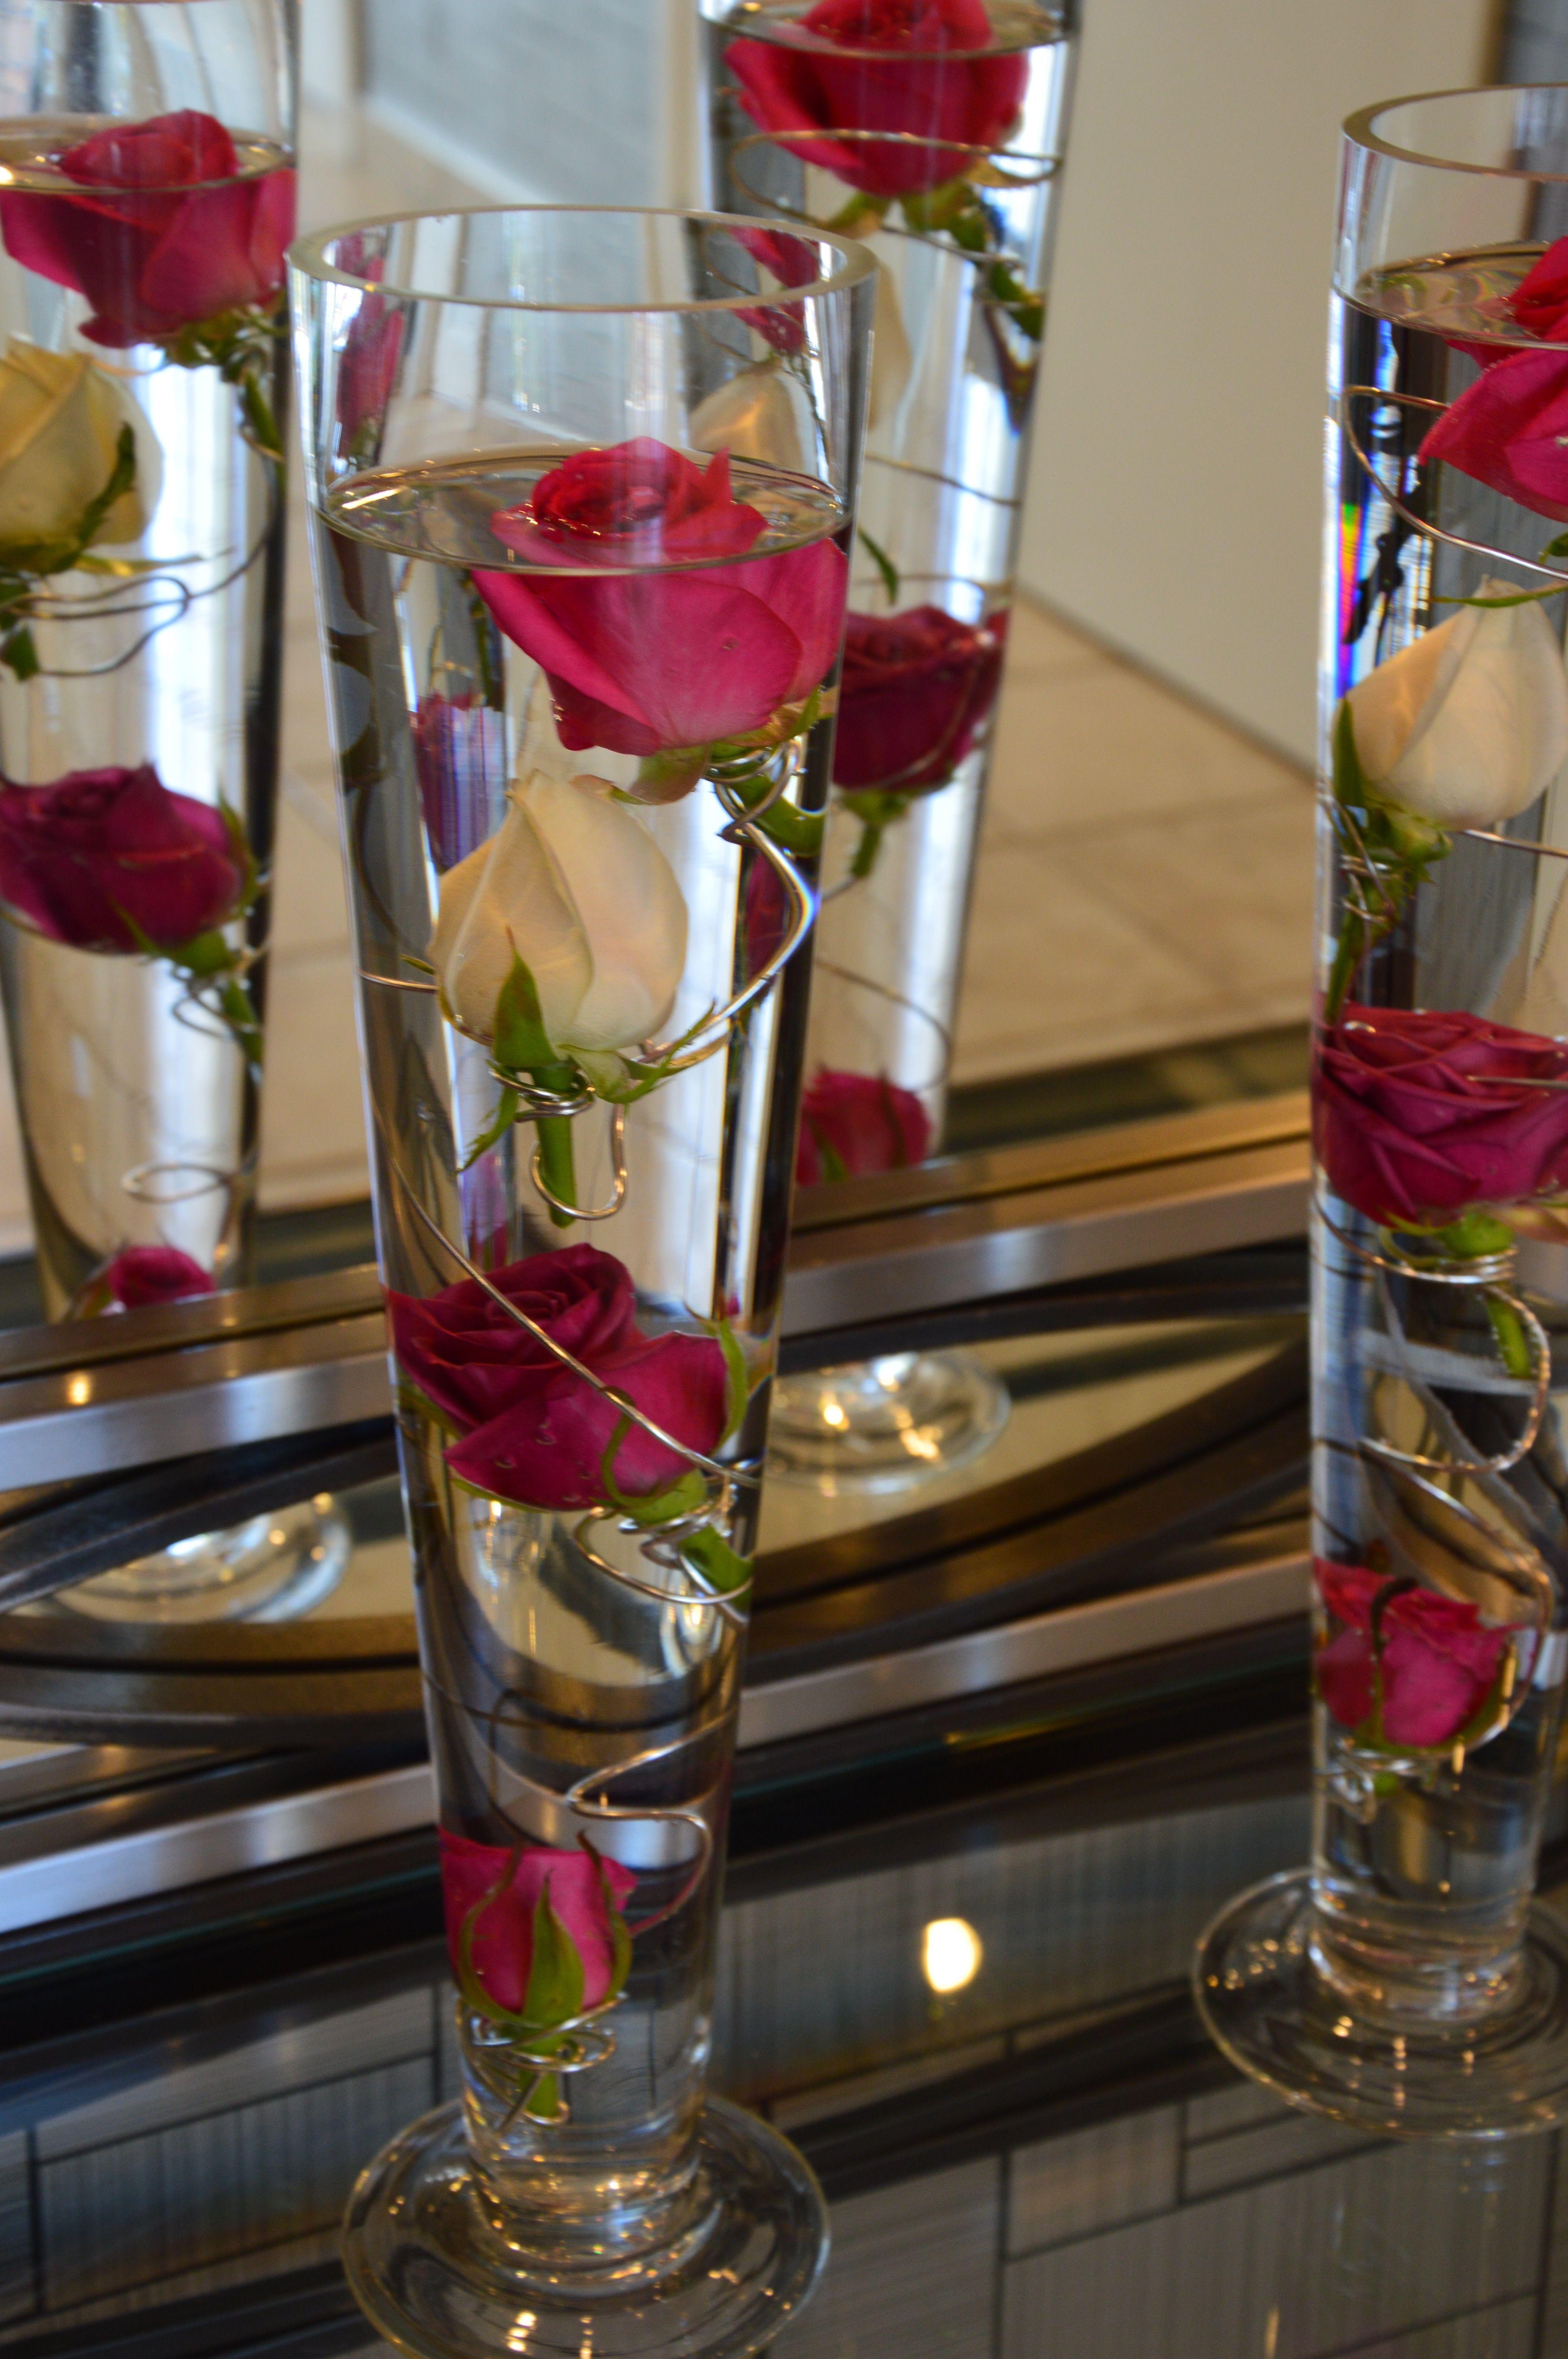 Office Decor Bouquet Home Decor Decor Flower Table Decor Wedding Decorations CO